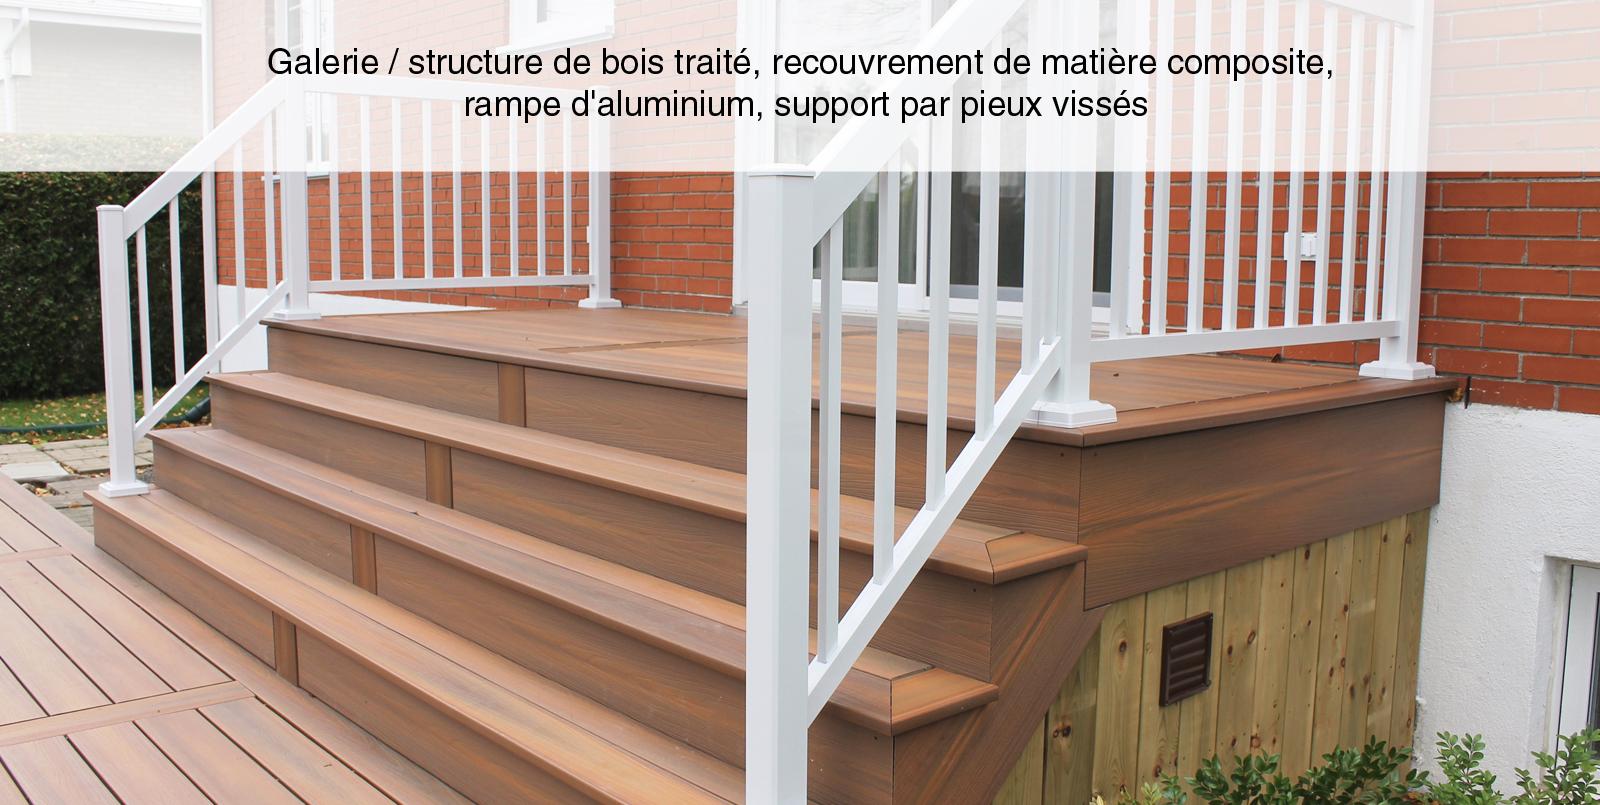 66-1-PANACHE-CONSTRUCTION-RENOVATION-GALERIE-BOIS-TRAITE